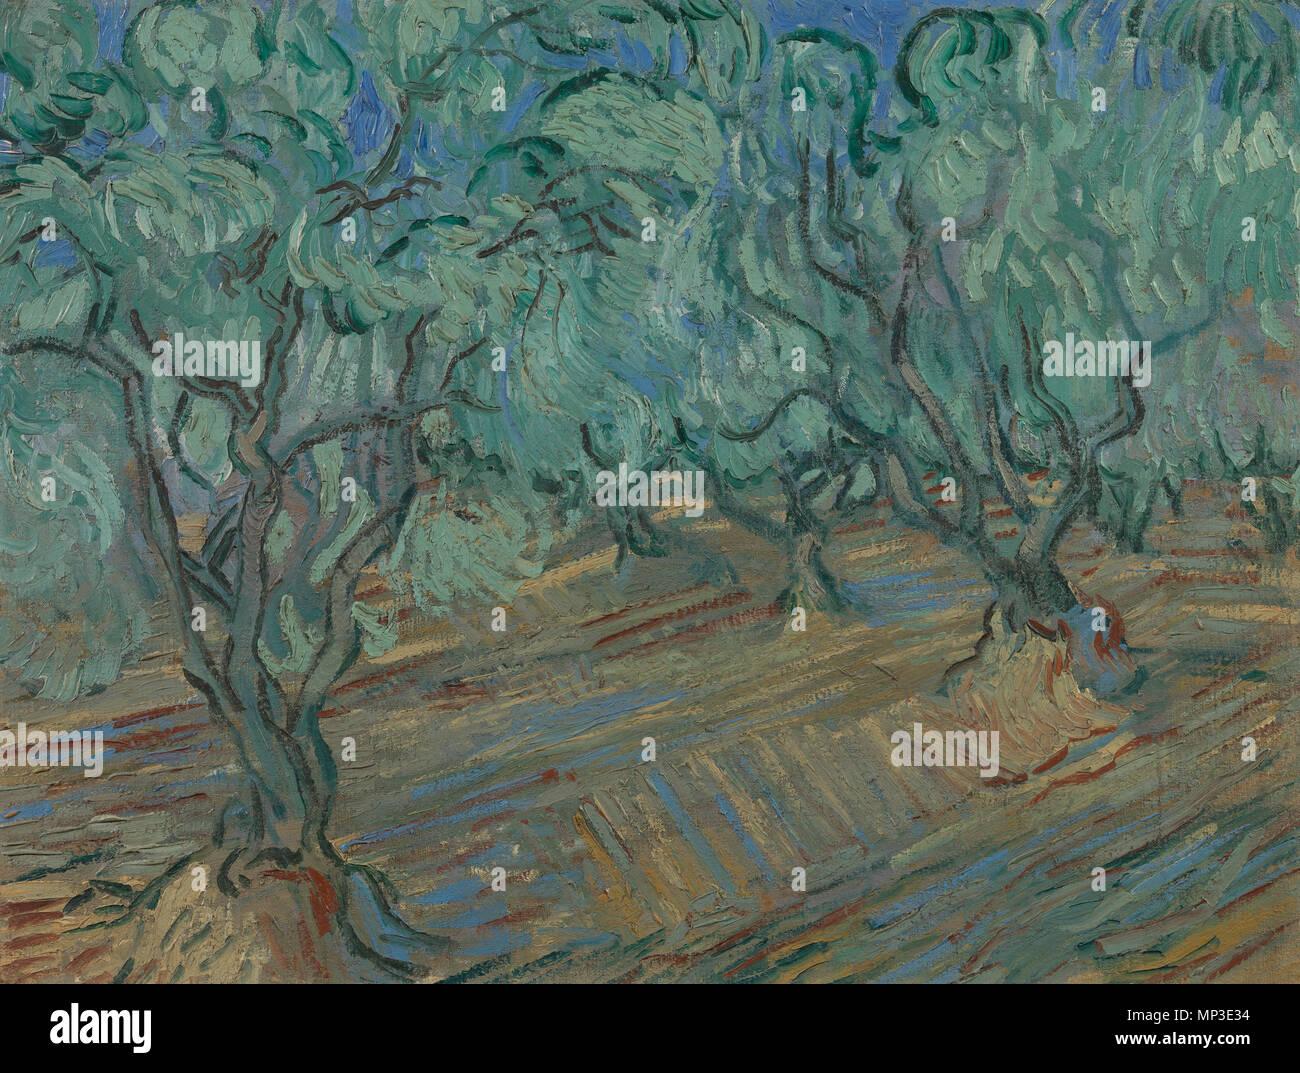 Platteland landschap met haaystacks aquarel schilderij